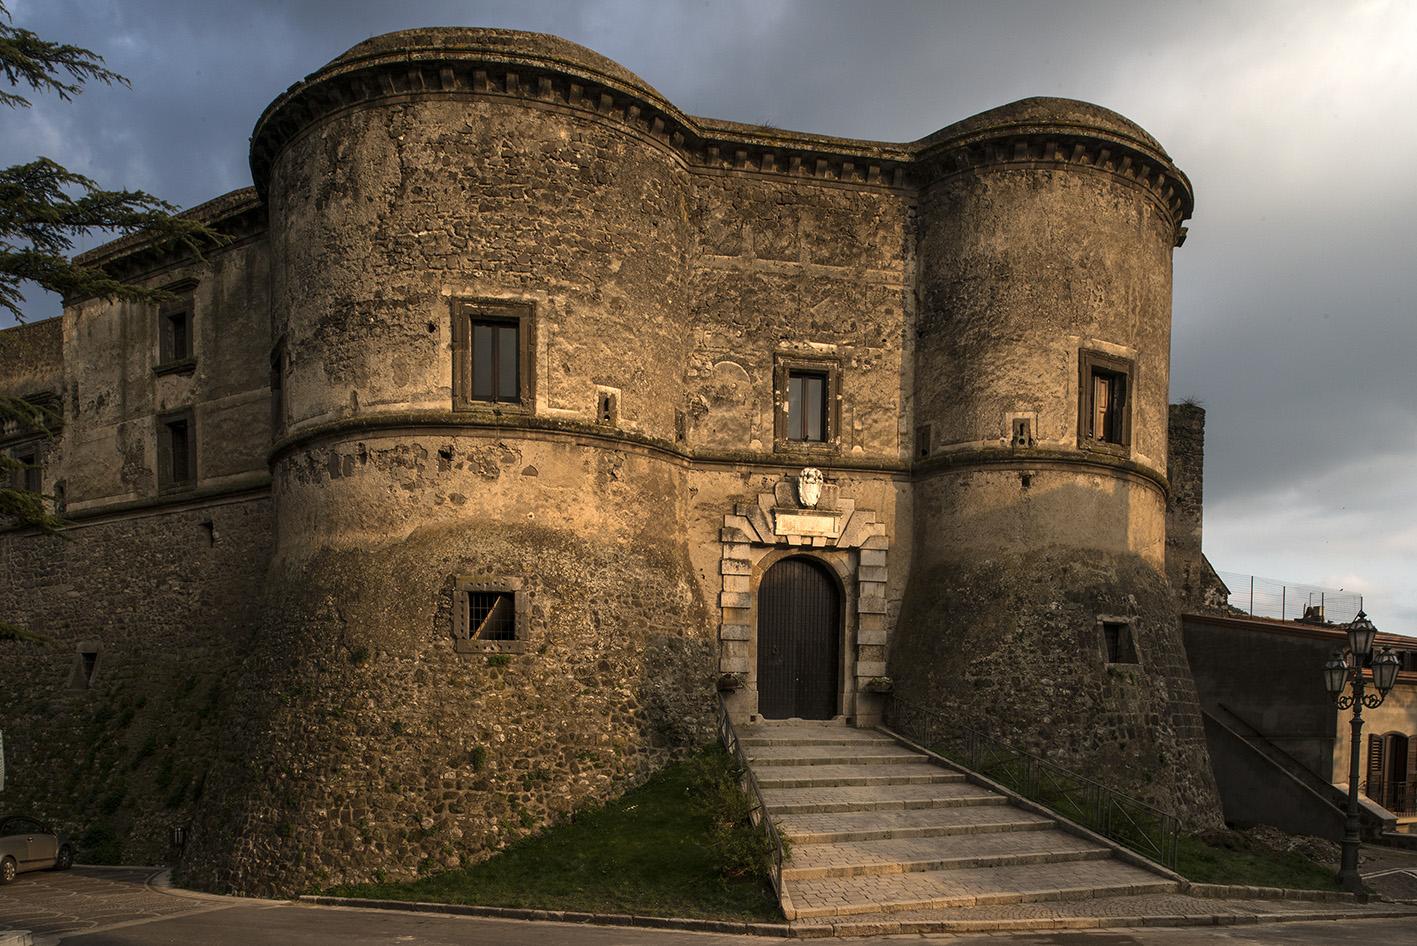 Restauro e riqualificazione funzionale del Castello di Faicchio (Bn)